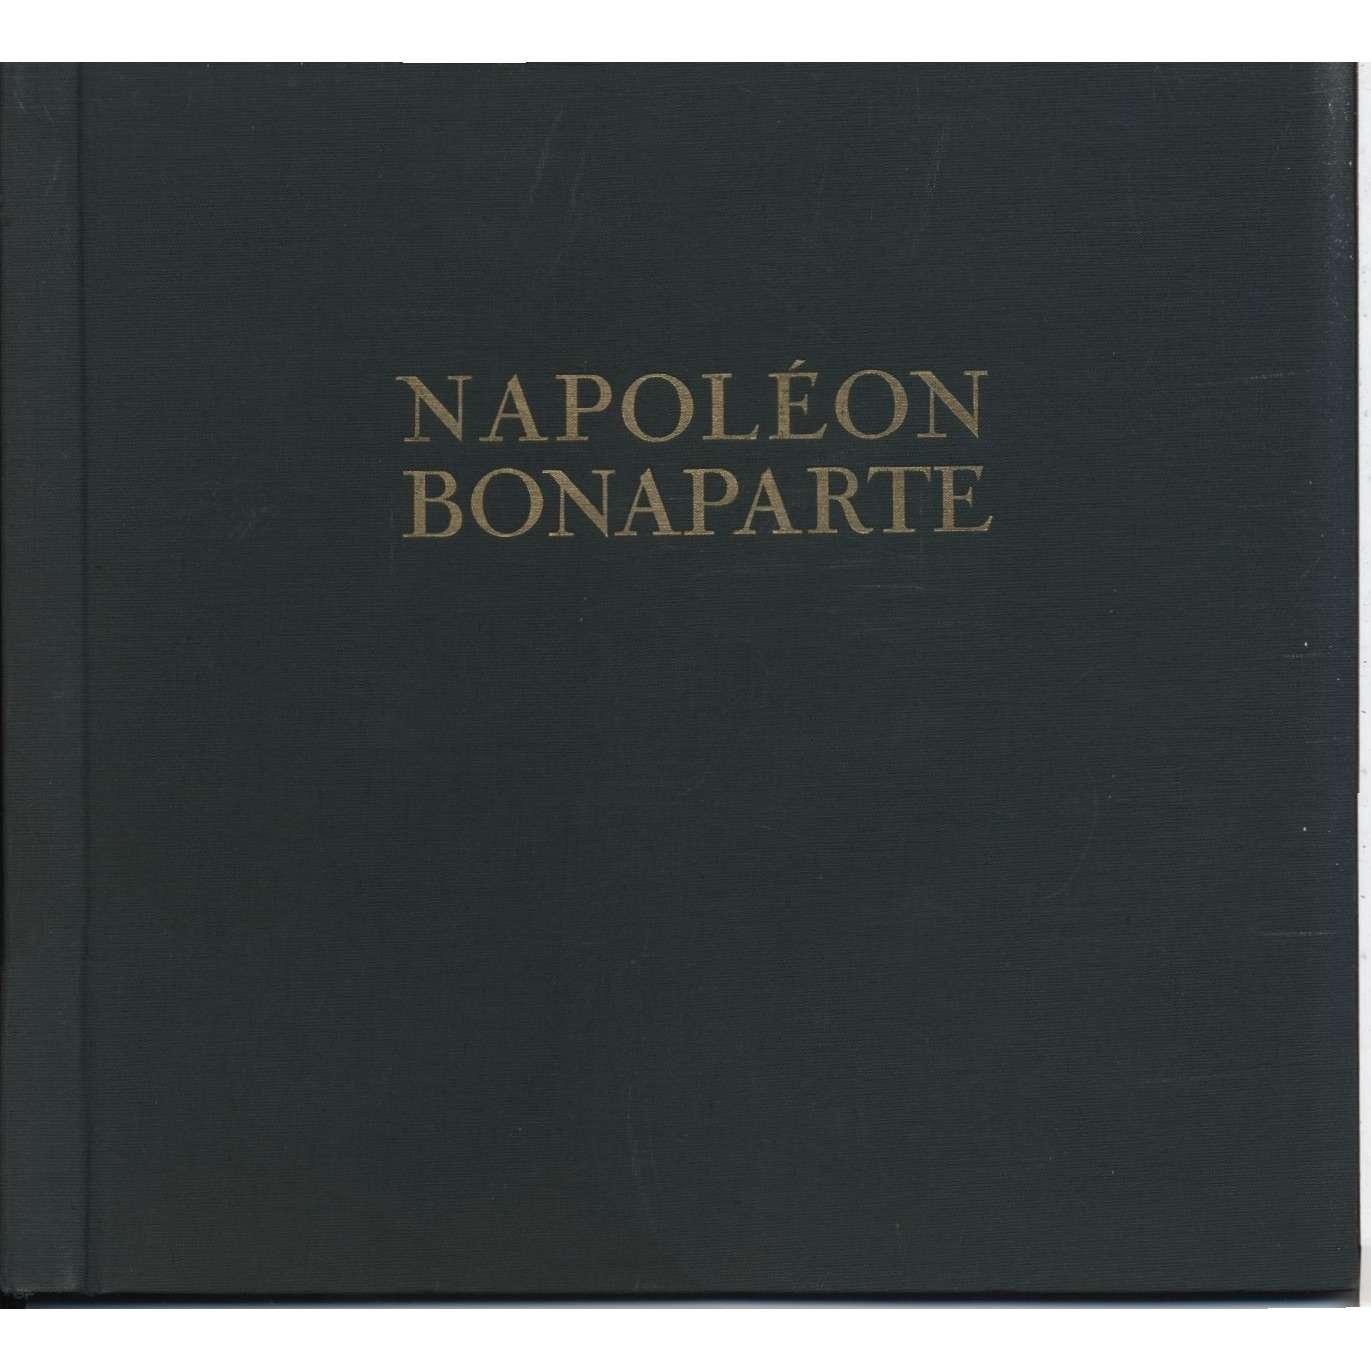 ALAIN DECAUX, ANDRE CASTELOT Napoléon Bonaparte ( LP x 2 + livret)